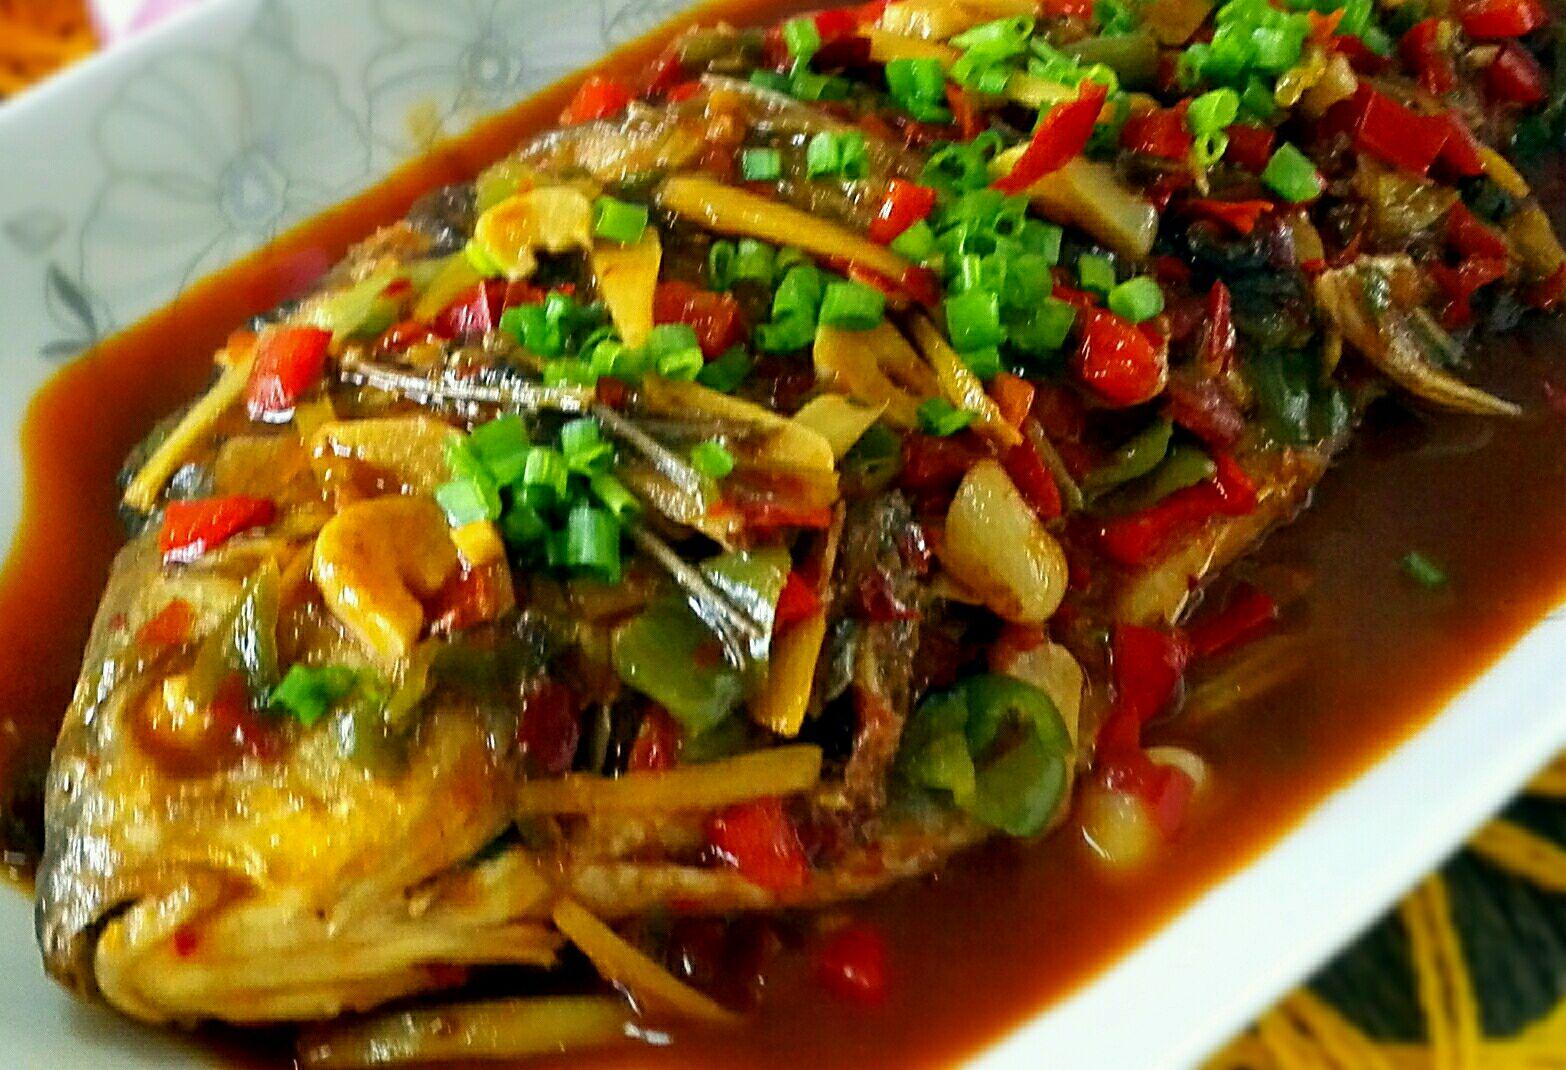 〖家常菜肴〗精选30种家常鱼最好吃的做法,大